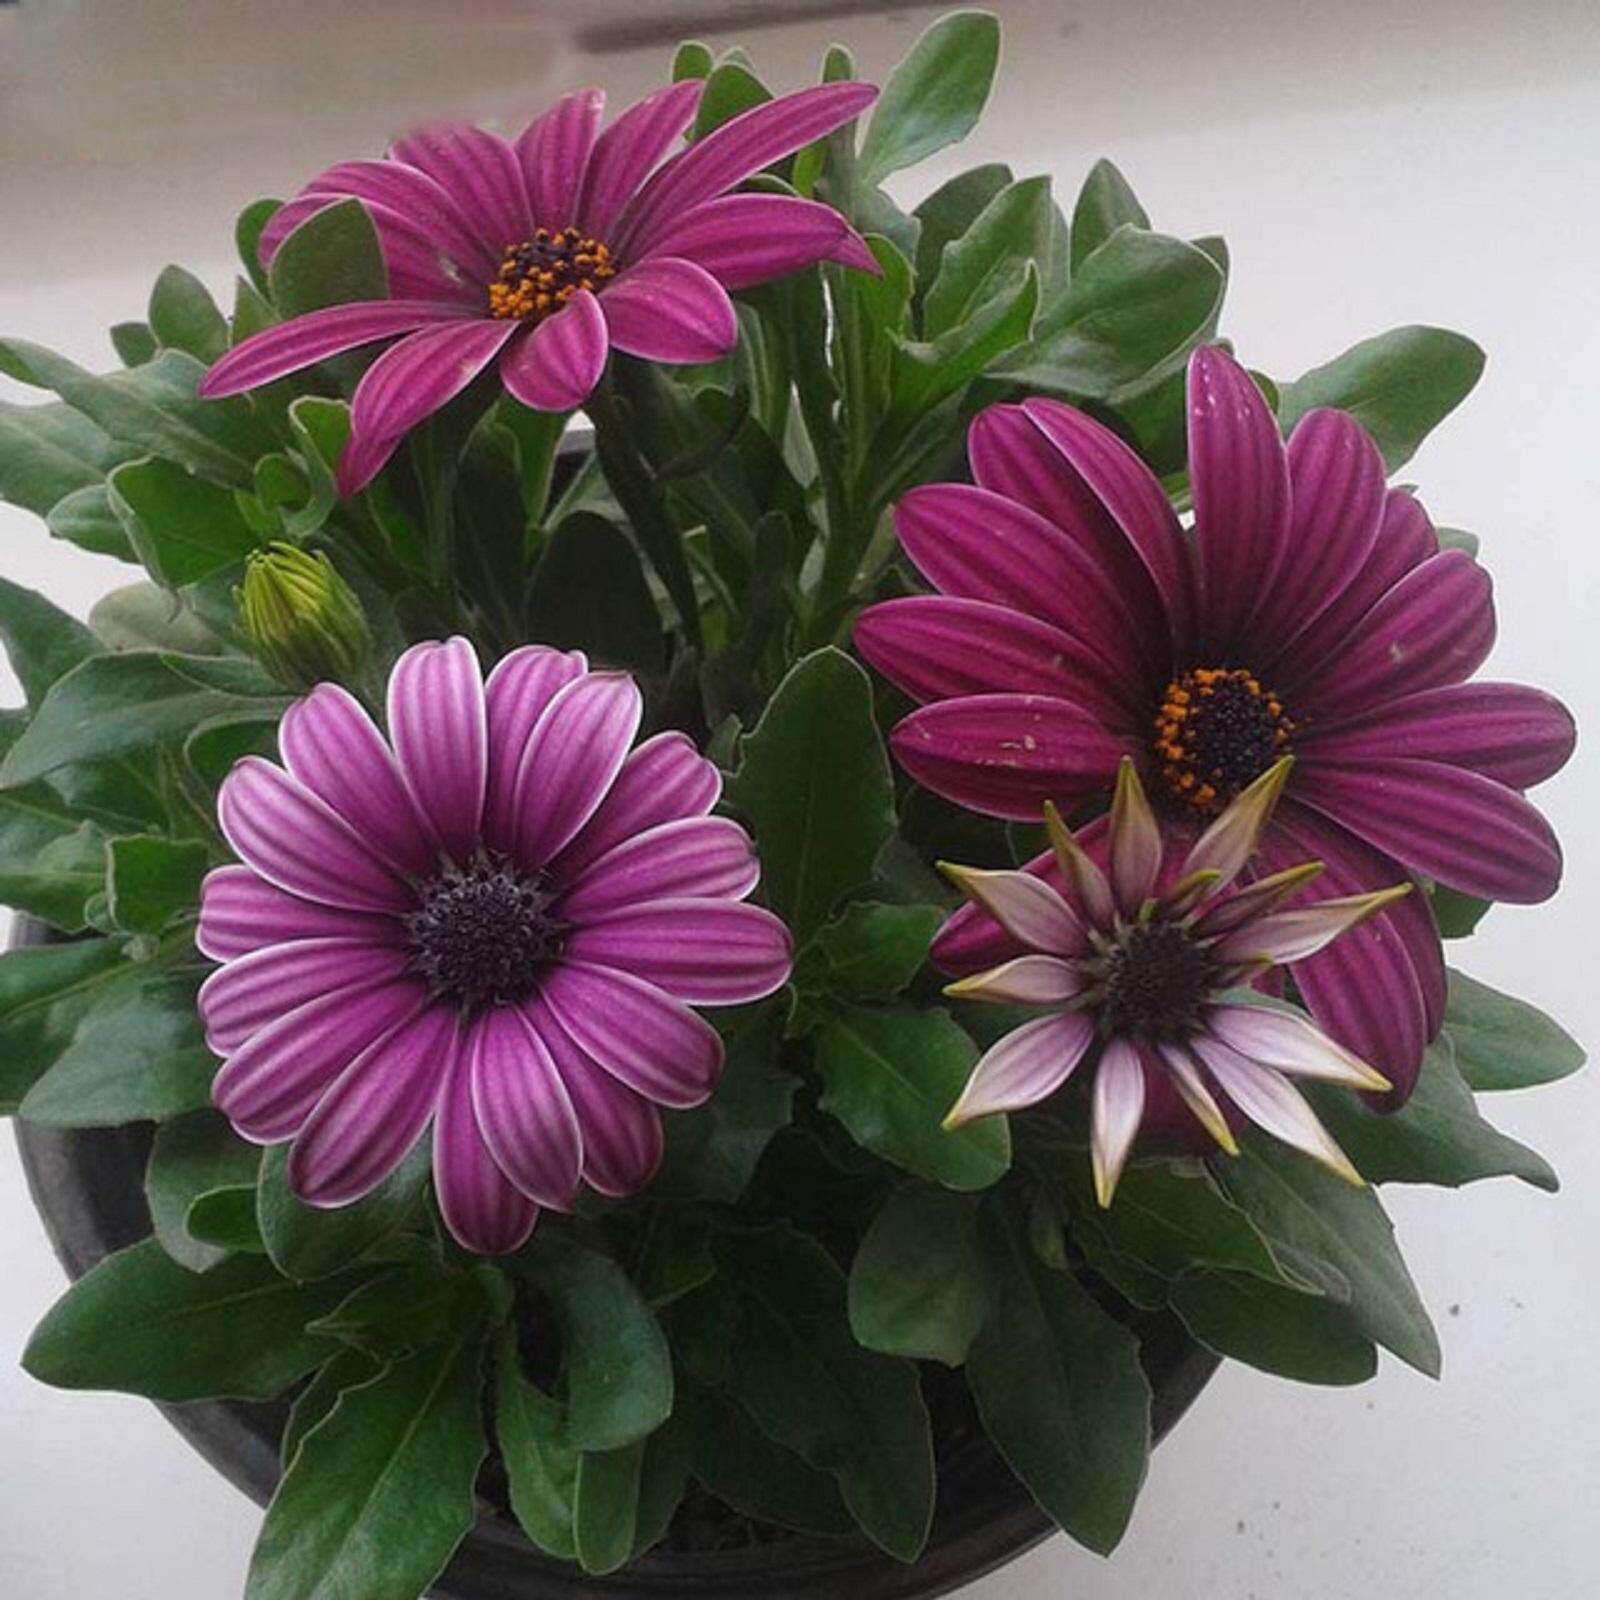 3x Gazania Flower Seeds- LOCAL READY STOCKS